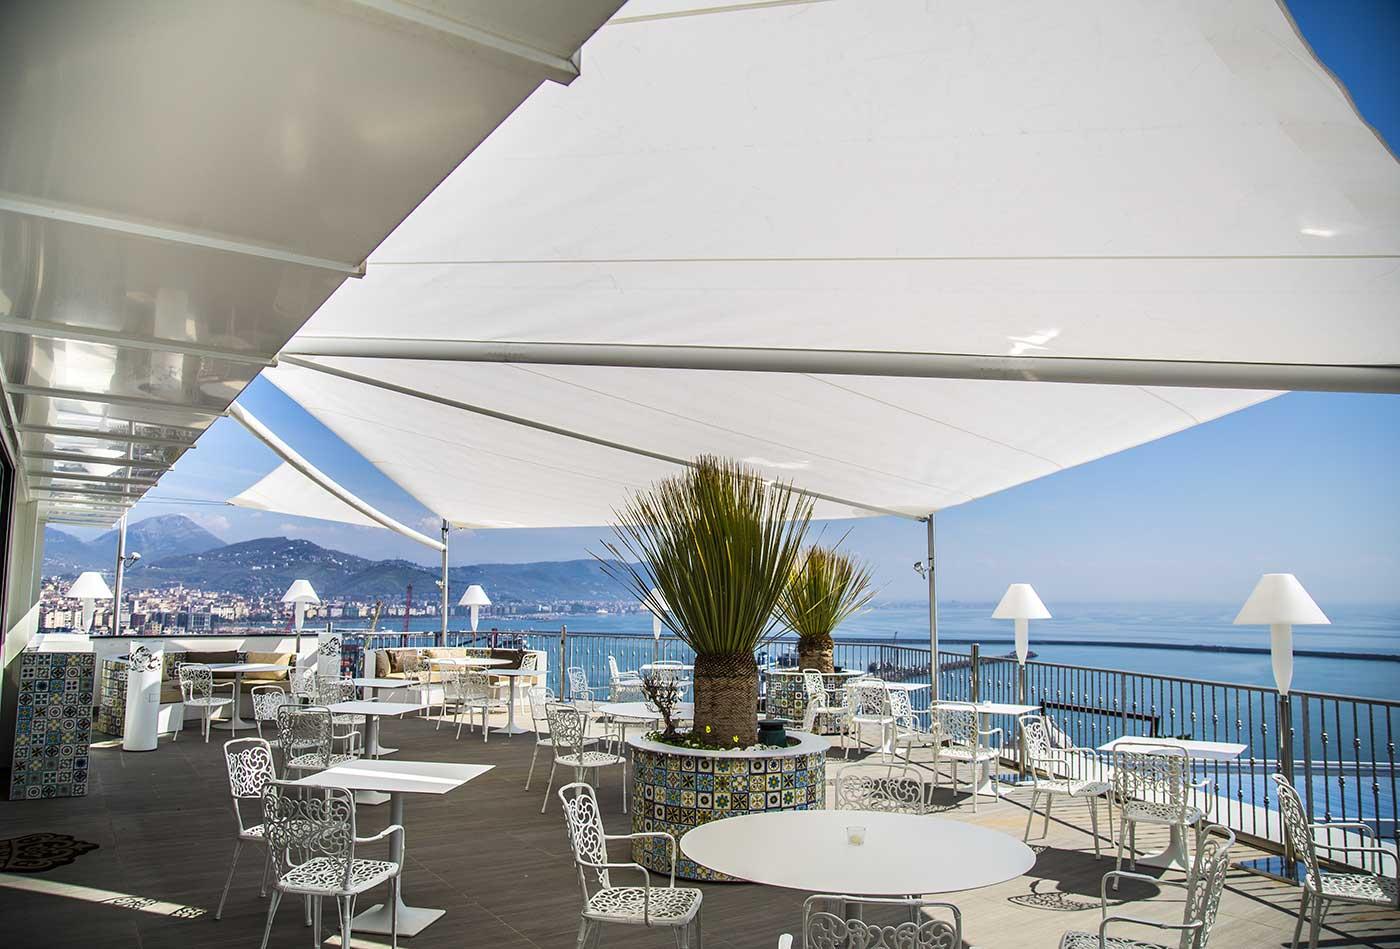 Ristorante aperto a pranzo: quale scelta d'obbligo in Costiera Amalfitana?